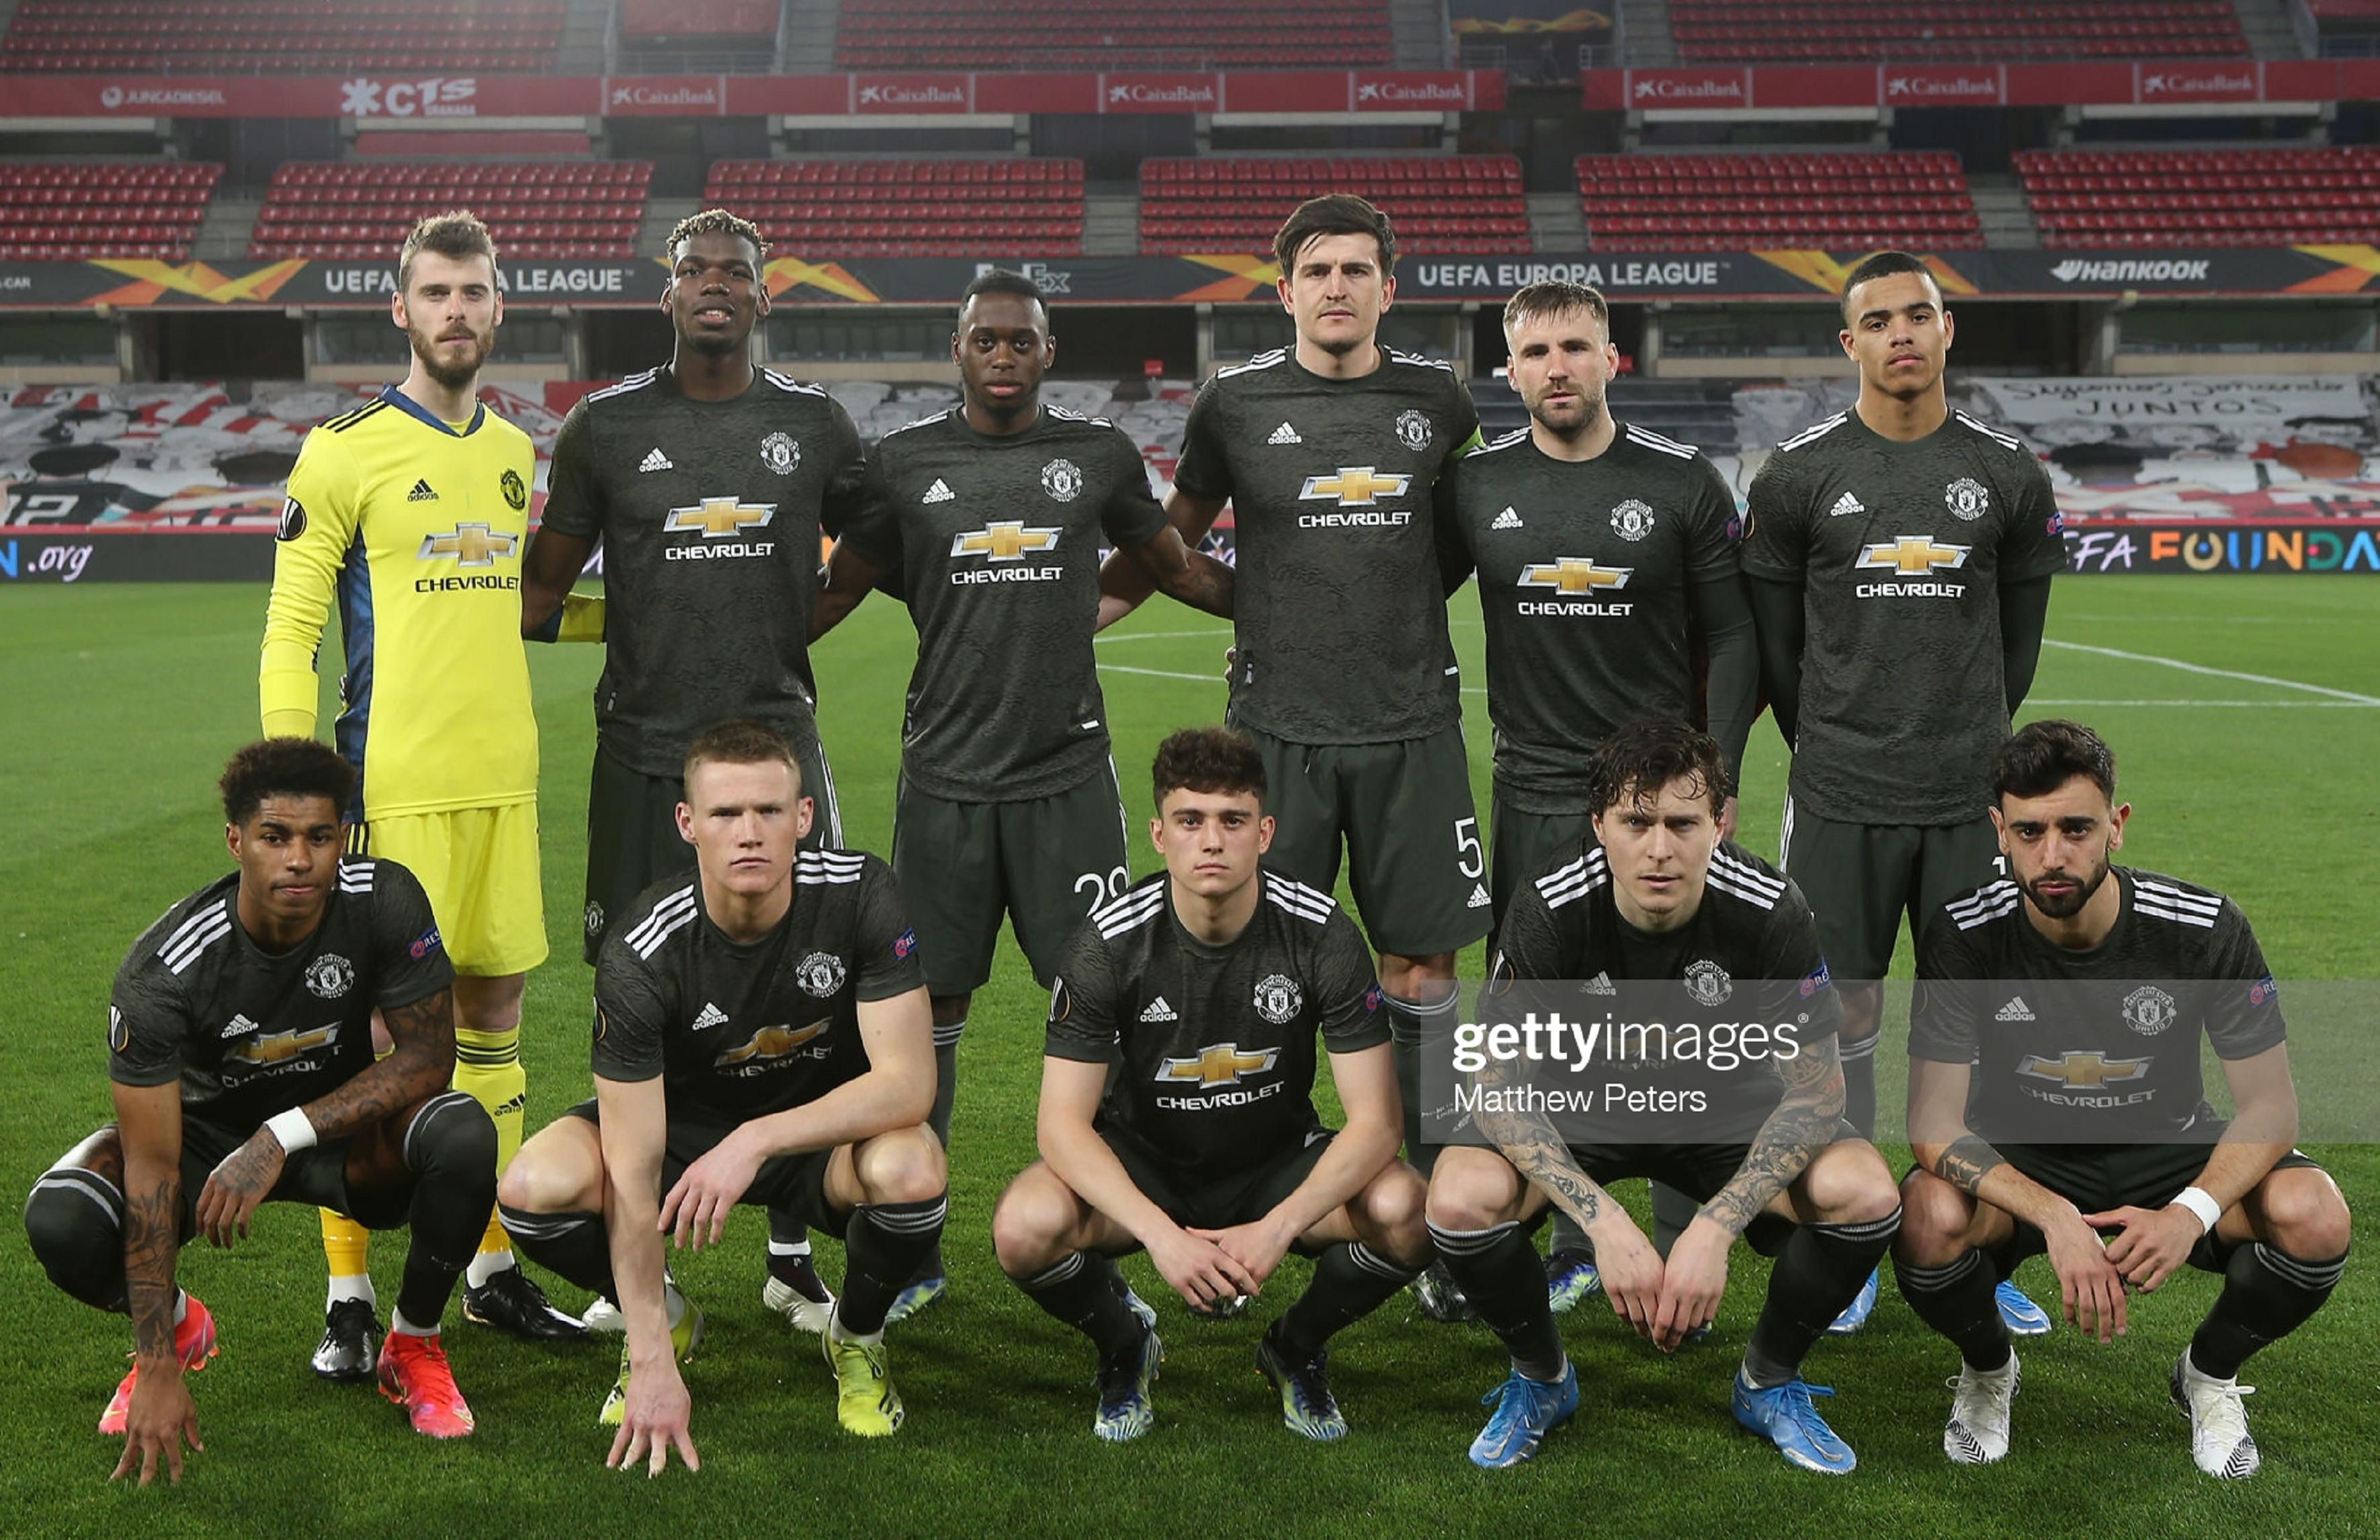 Гранада (Испания) - Манчестер Юнайтед (Англия) 0:2